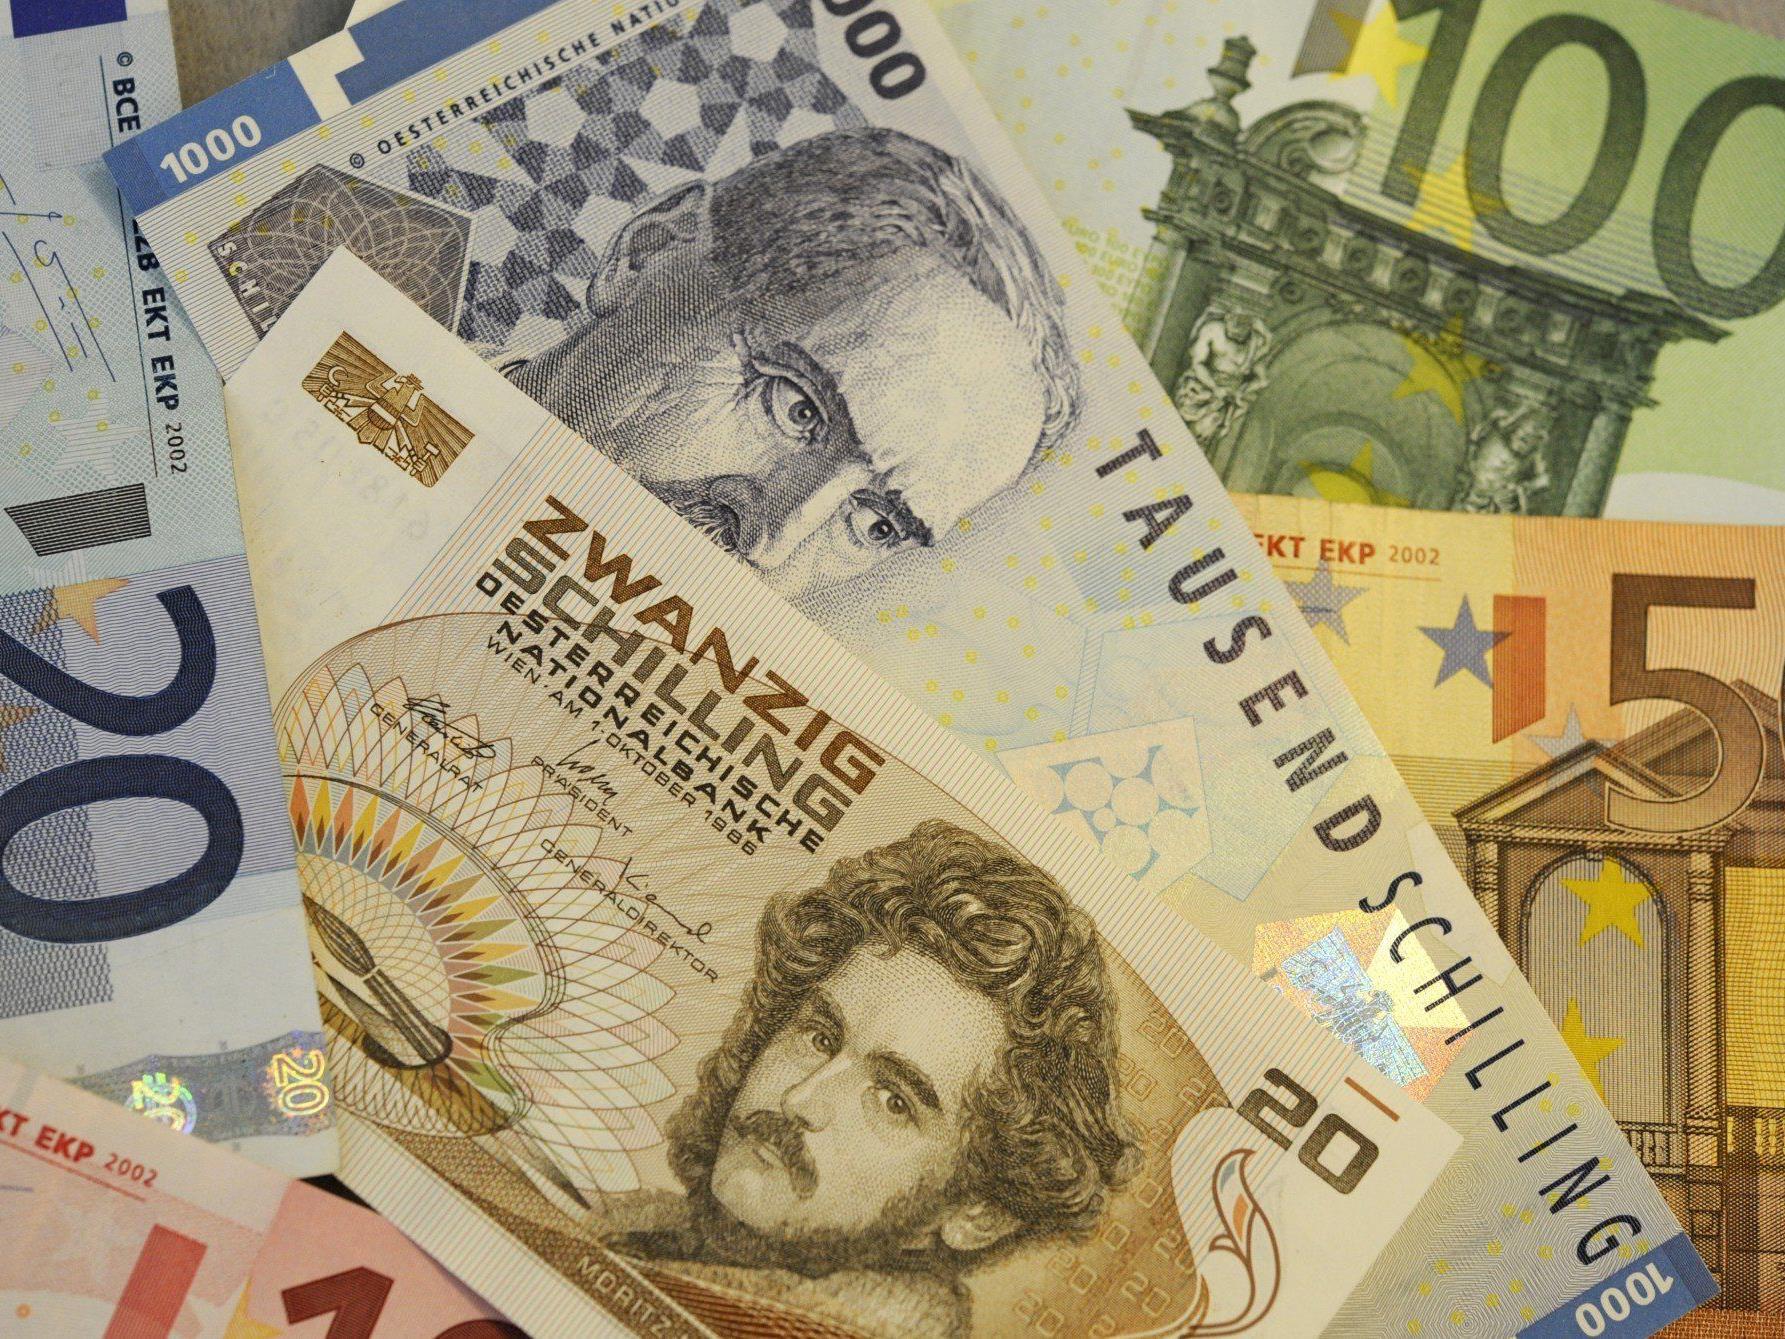 Elf Jahre nach der Euro-Einführung sind immer noch 8,8 Milliarden Schilling im Umlauf.